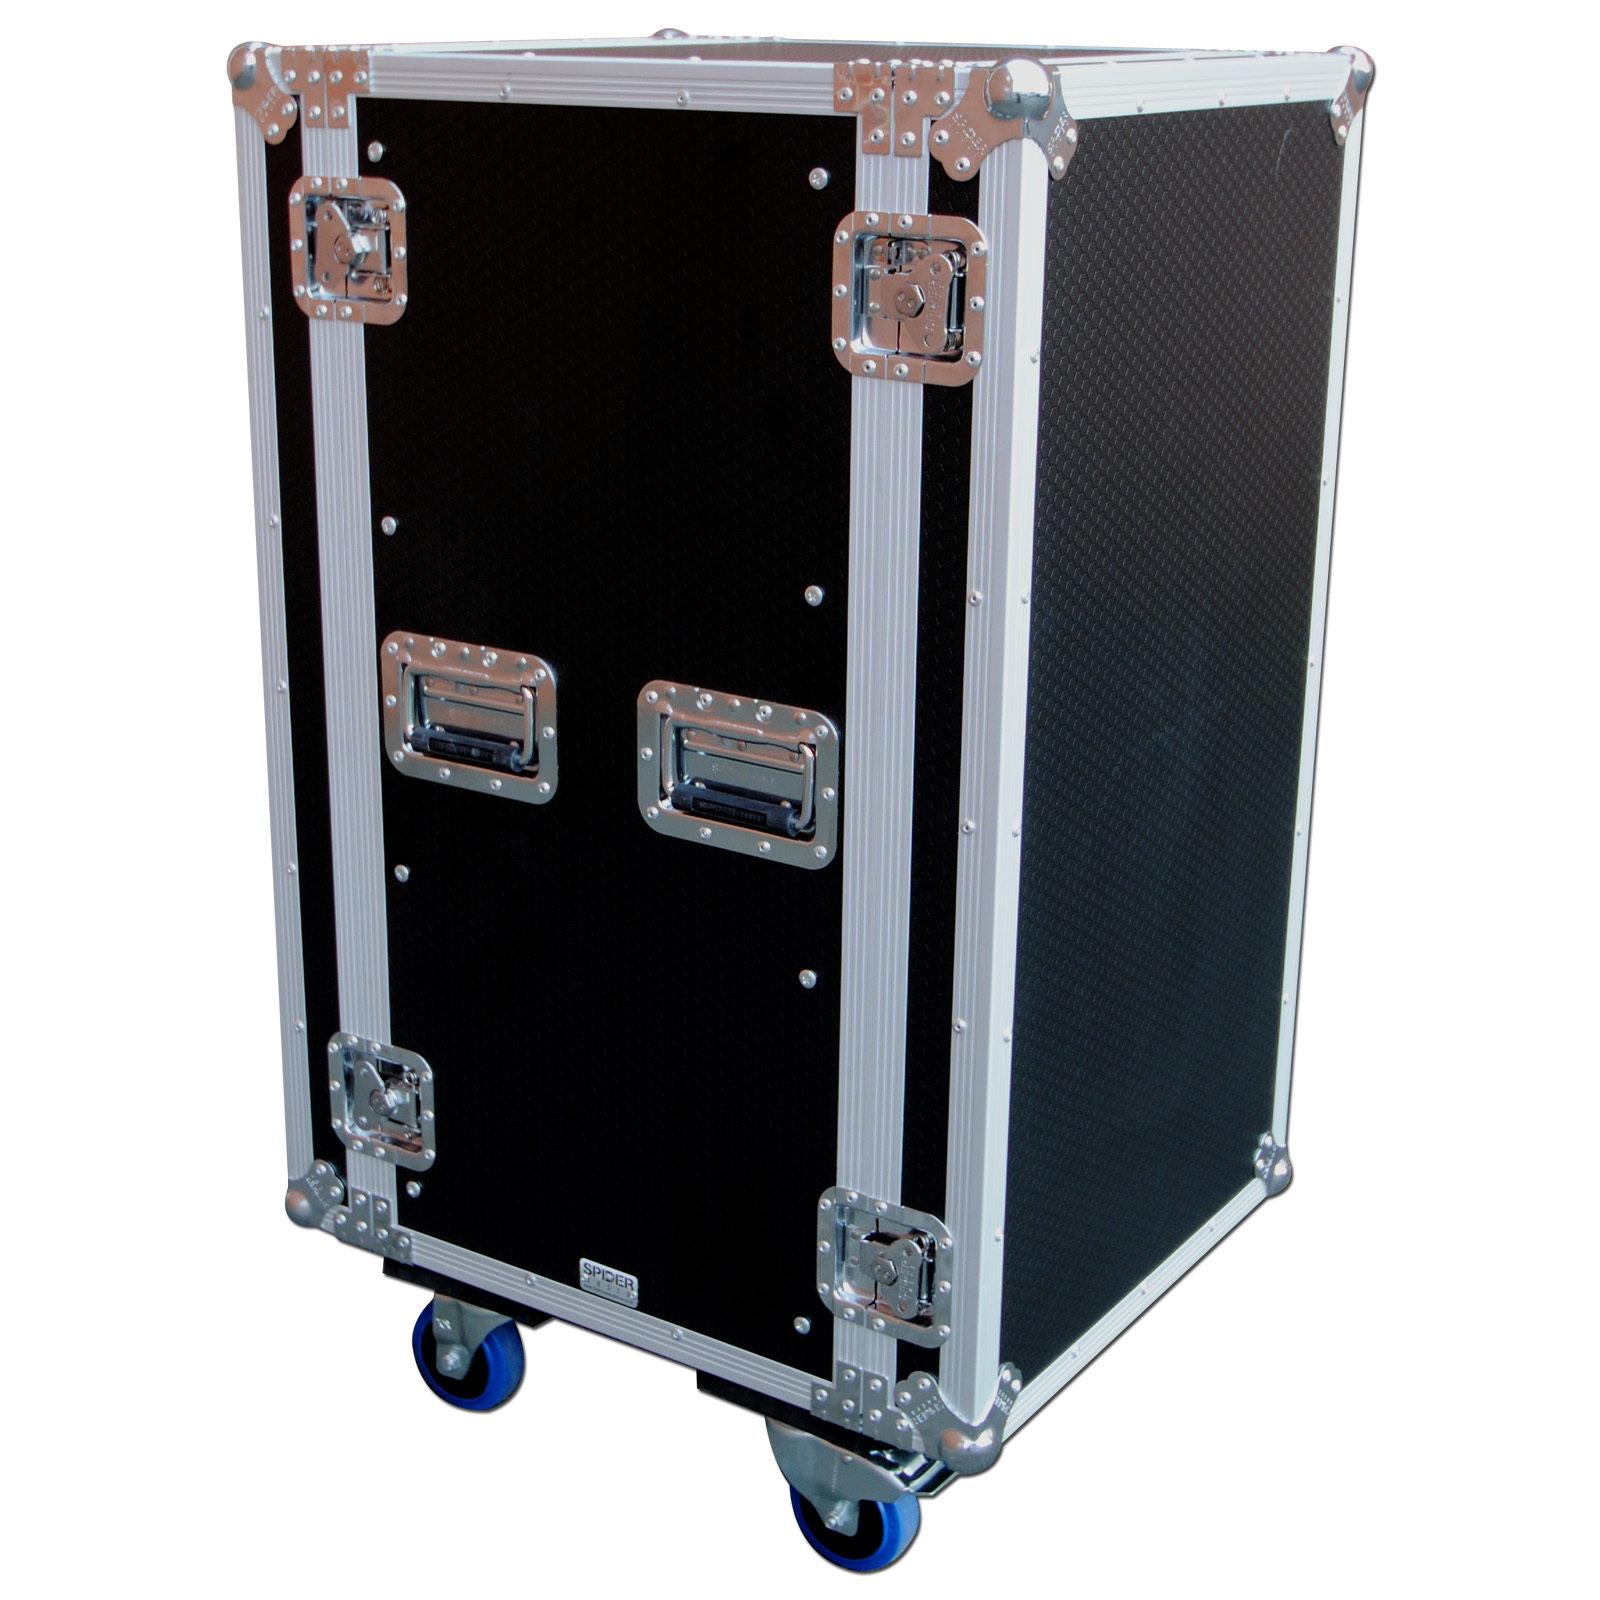 20u rack case flight case. Black Bedroom Furniture Sets. Home Design Ideas